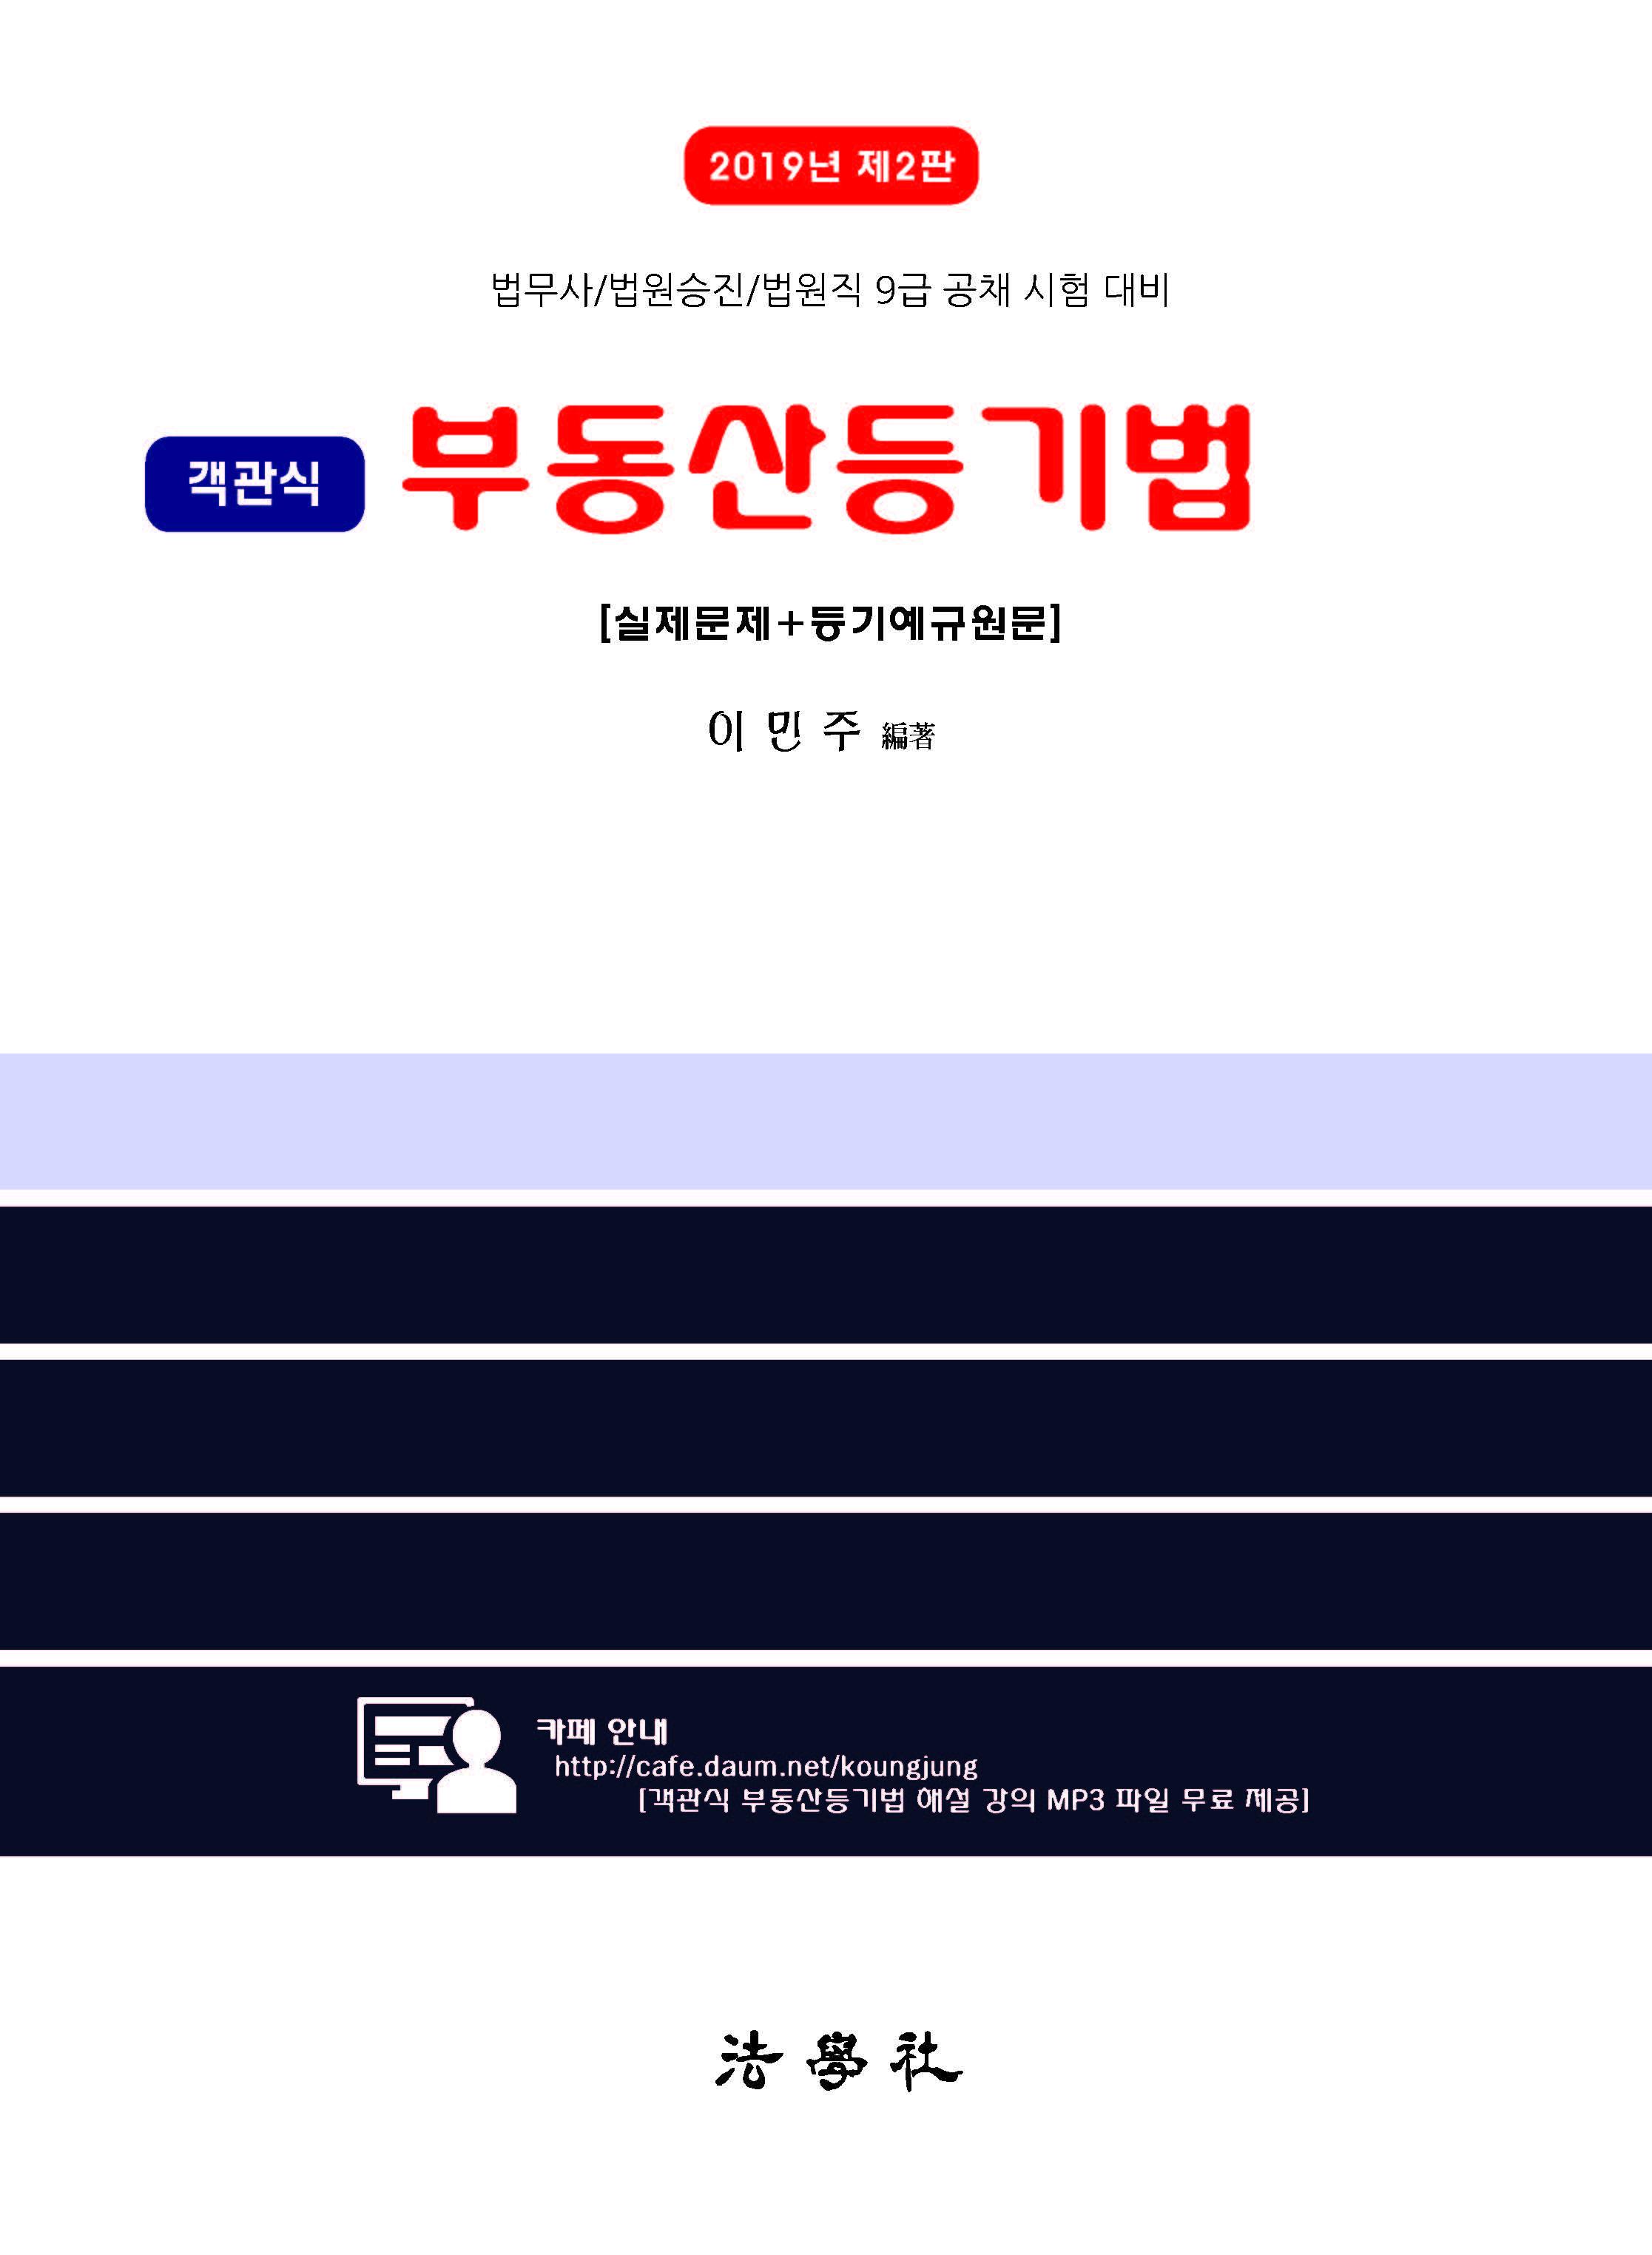 2019년 객관식 부동산등기법 [실제문제+등기예규원문] 제2판(이민주 저)